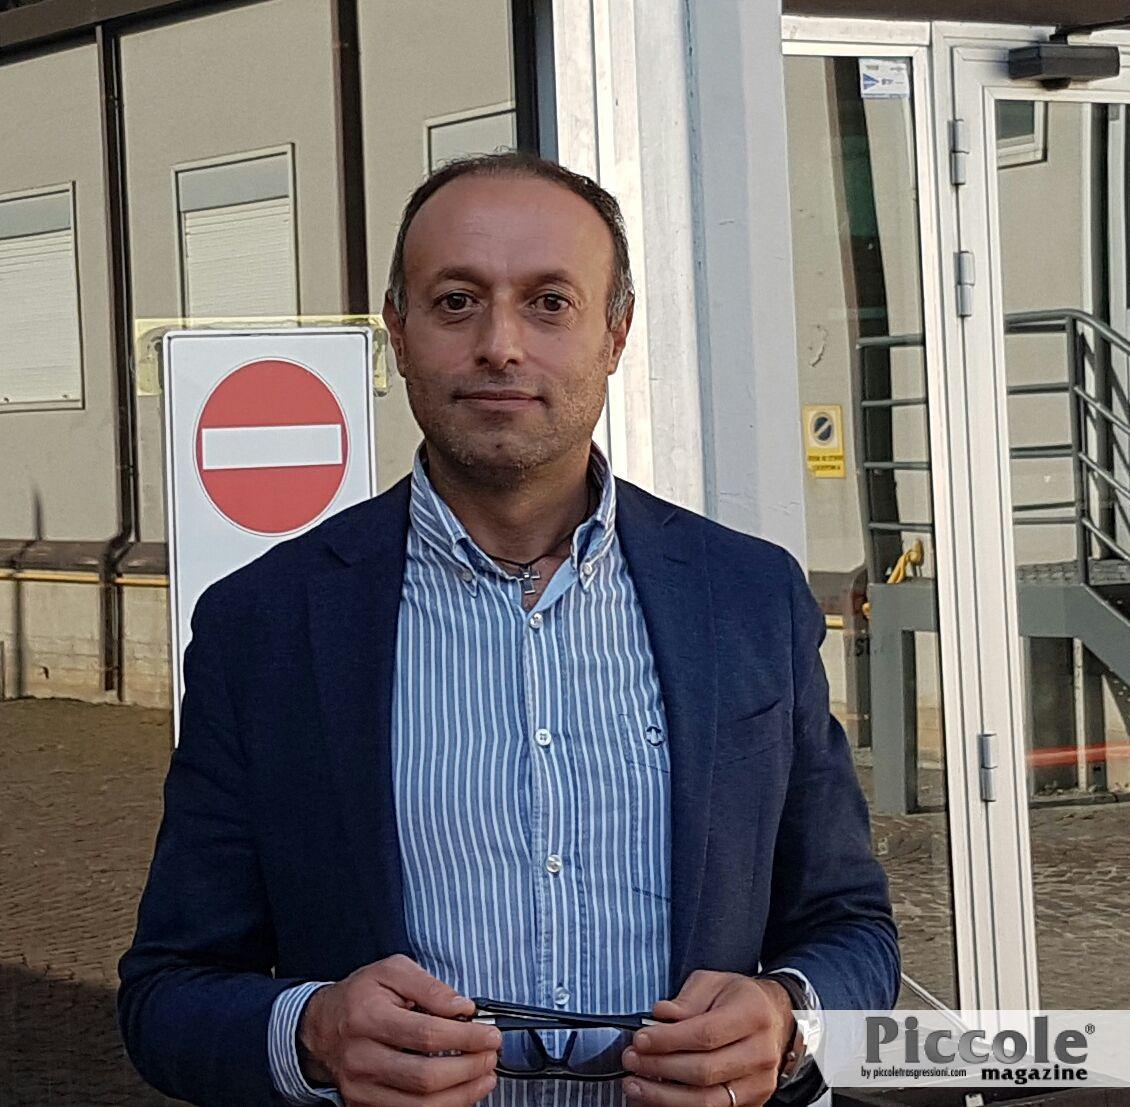 Intervista a Costantino Larocca, Avvocato specialista per i diritti della comunità LGBT